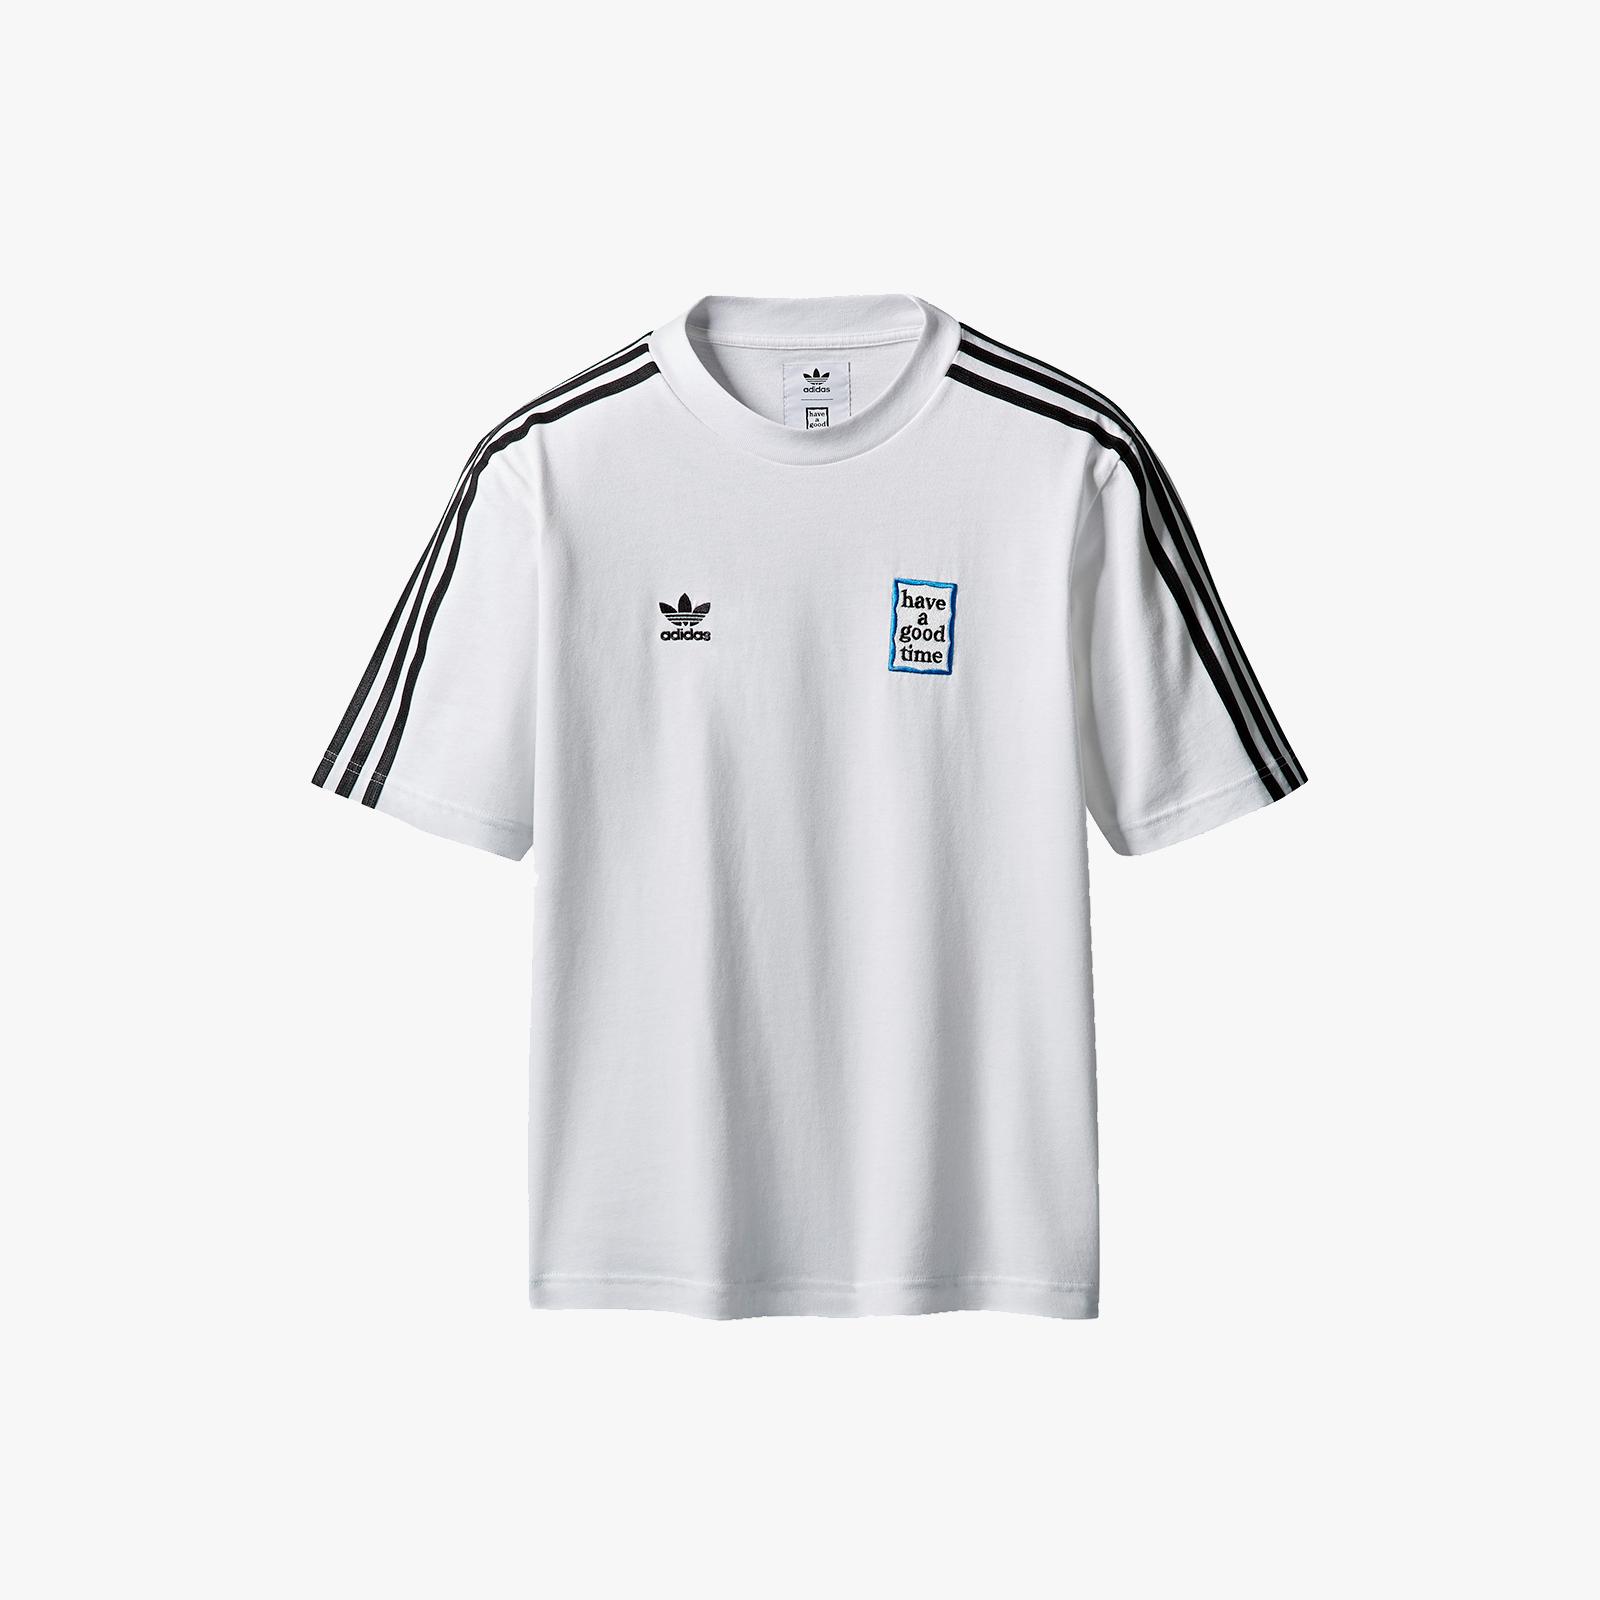 huge discount 9a31f b85e1 adidas Originals T-Shirt x Have A Good Time